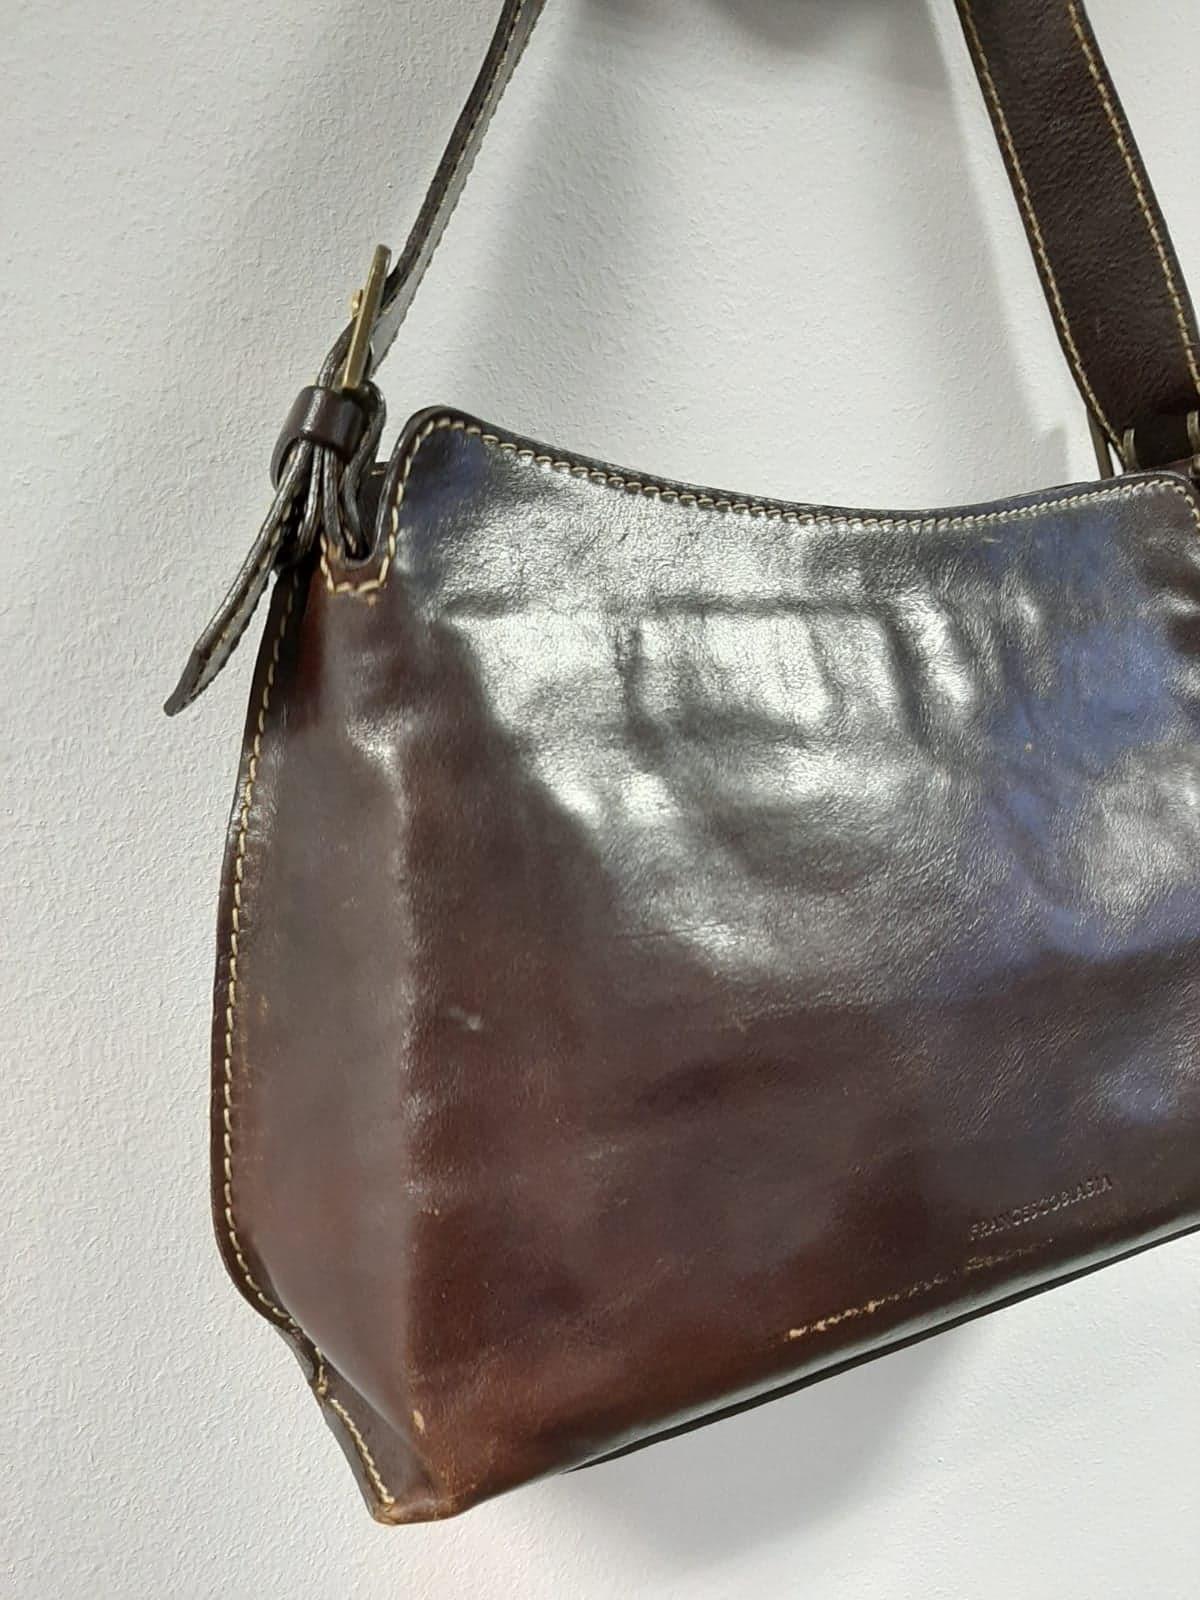 Brązowa torebka na ramię FrancescoBiasia - PONOŚ SE vintage shop | JestemSlow.pl